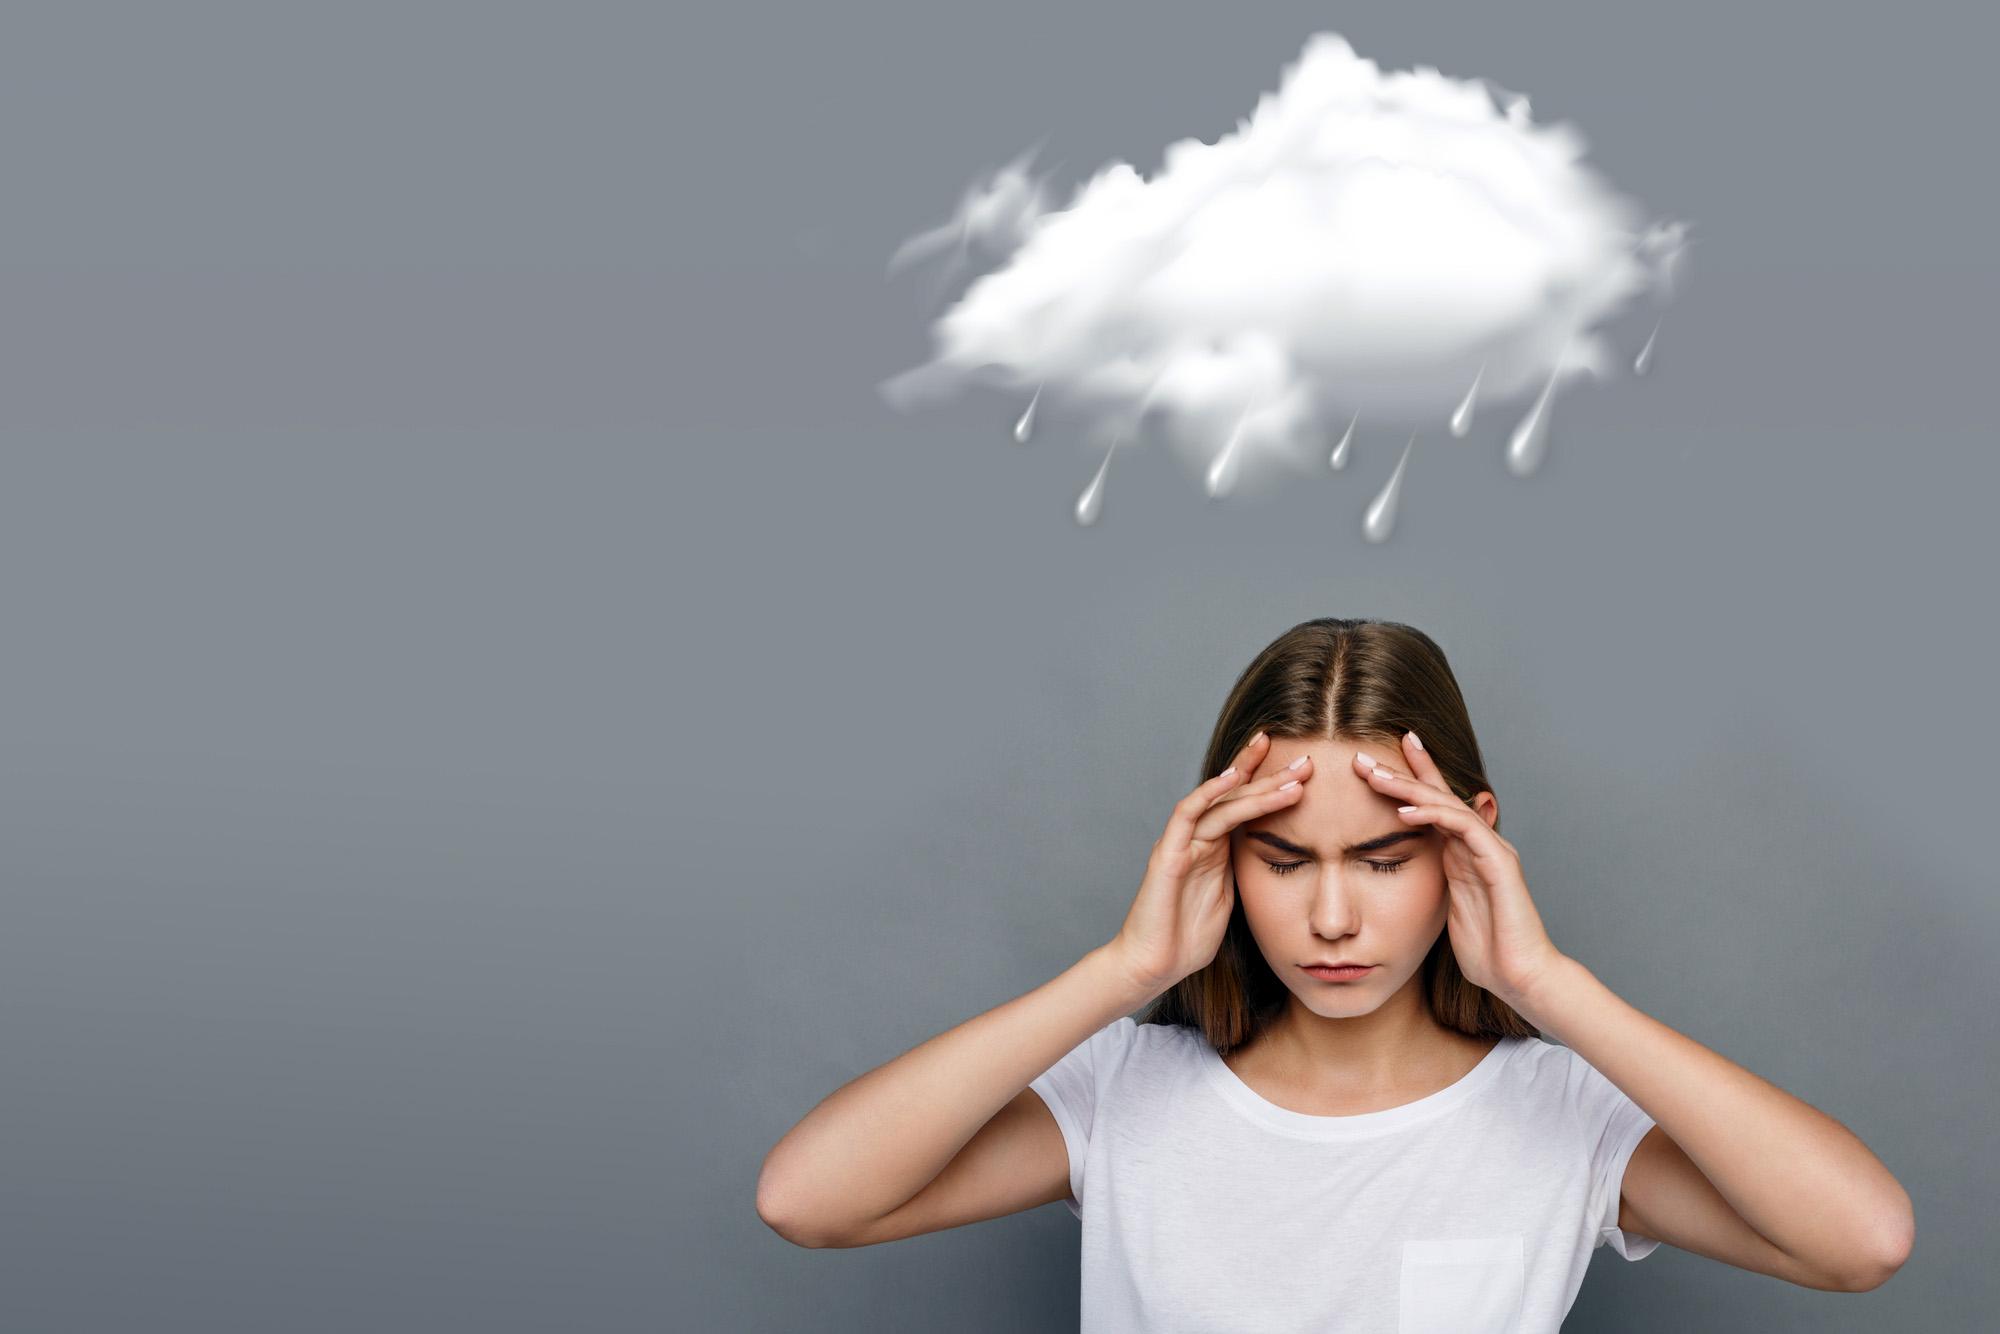 Метеозависимость— это когнитивное искажение, считают учёные.